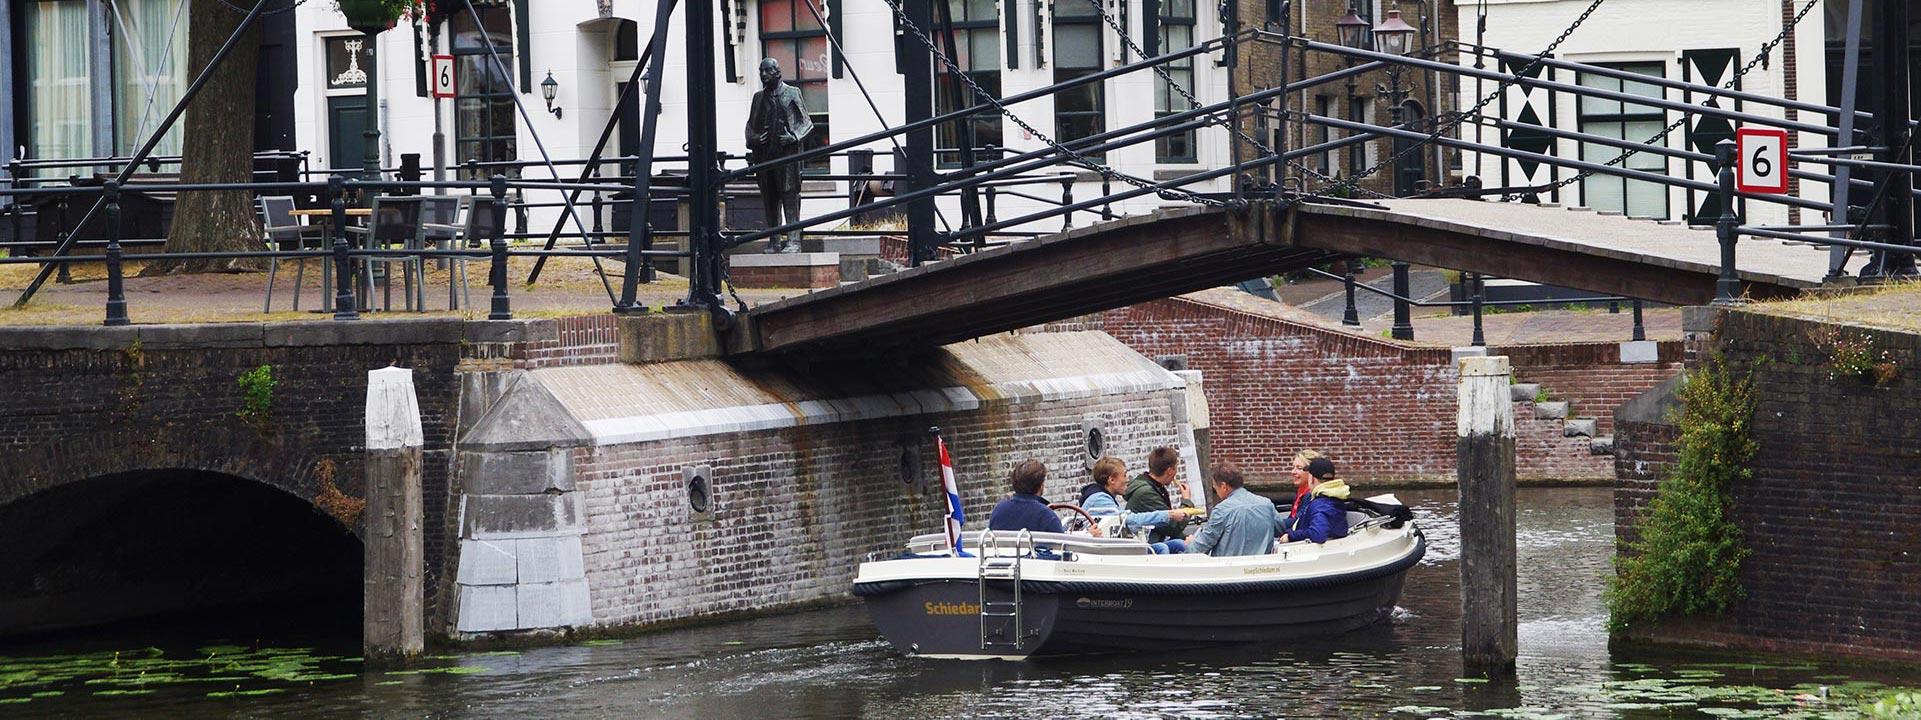 Sloep Schiedam